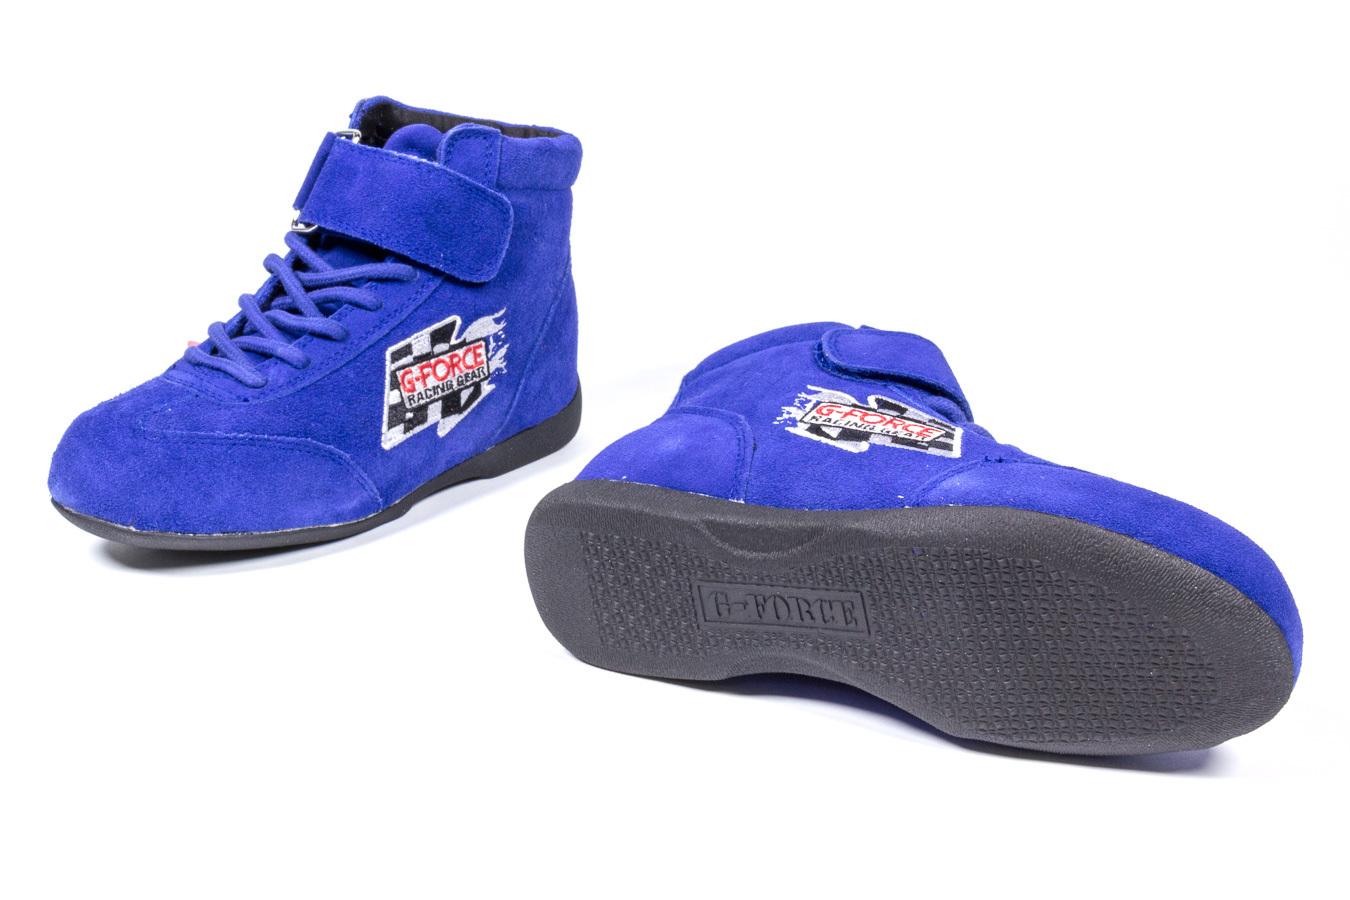 GF235 RaceGrip Mid-Top Shoes Blue Size 5